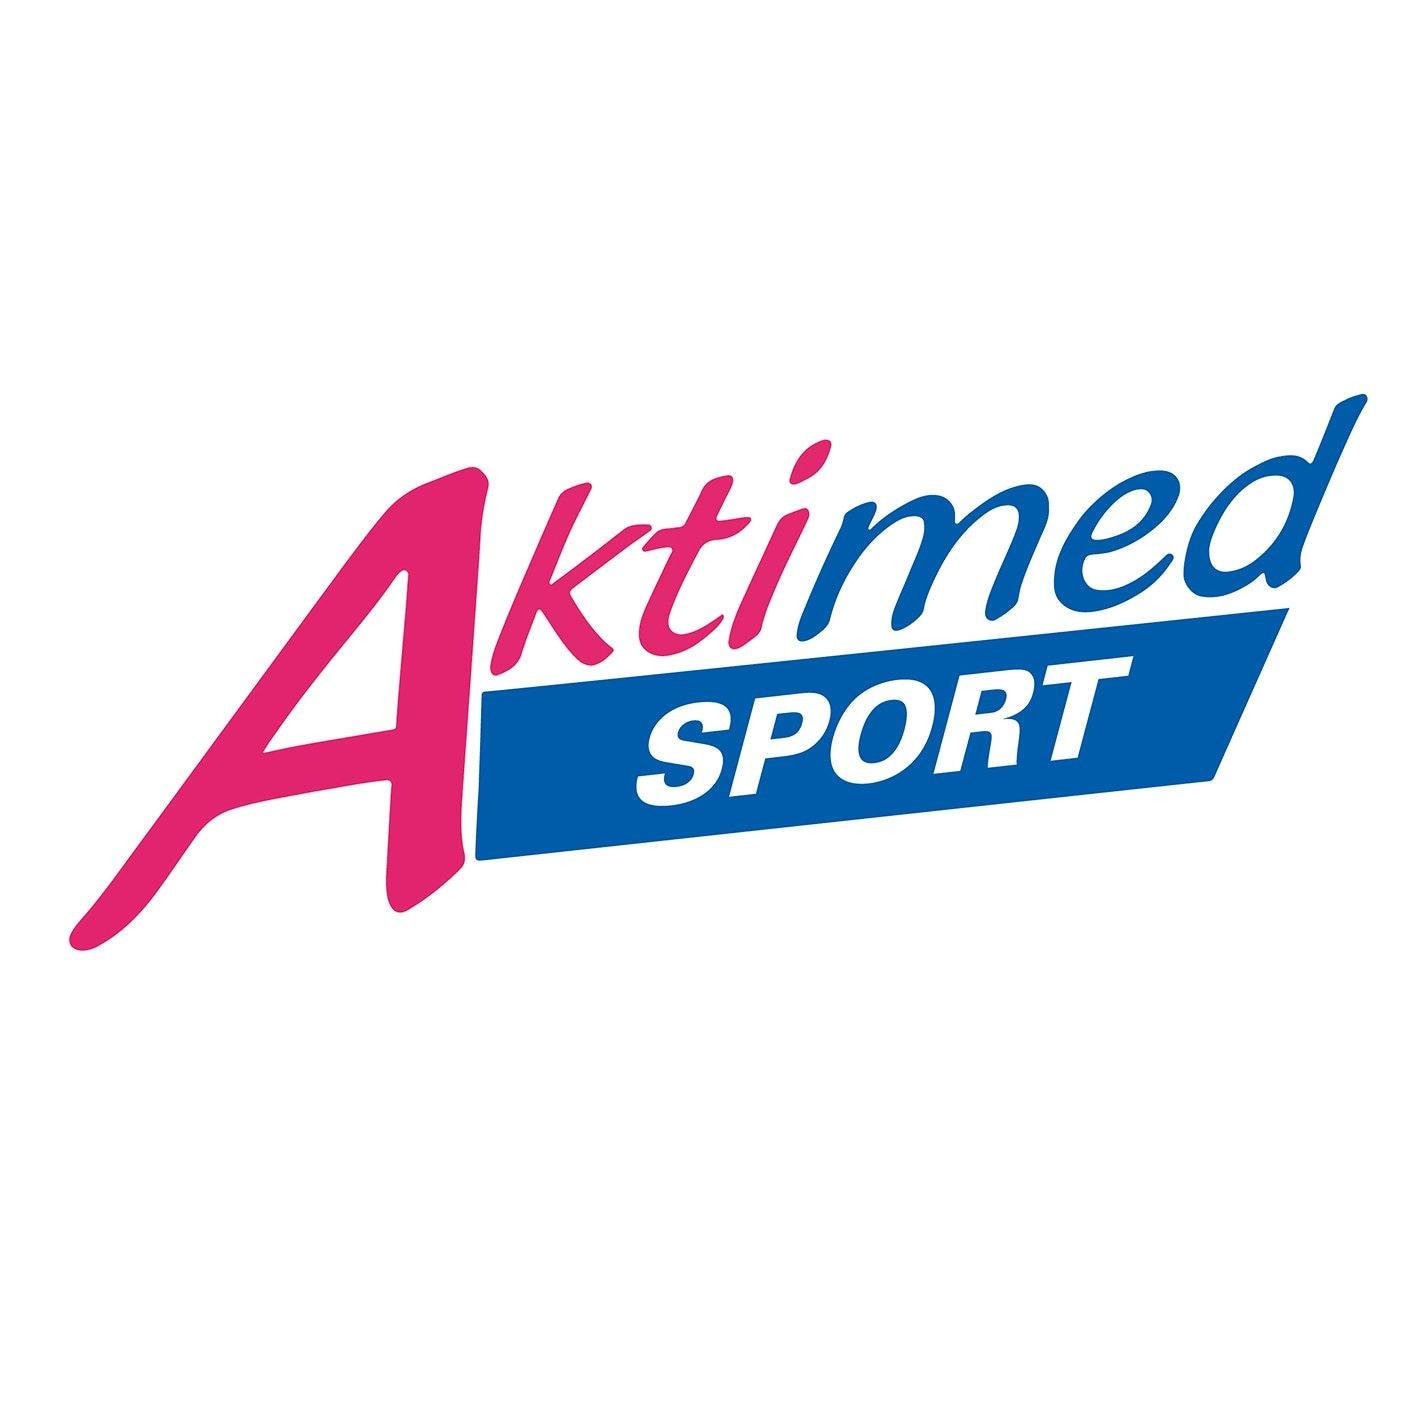 Aktimed Zinkleimverband Sport 5m weiß inkl. Schutzverband